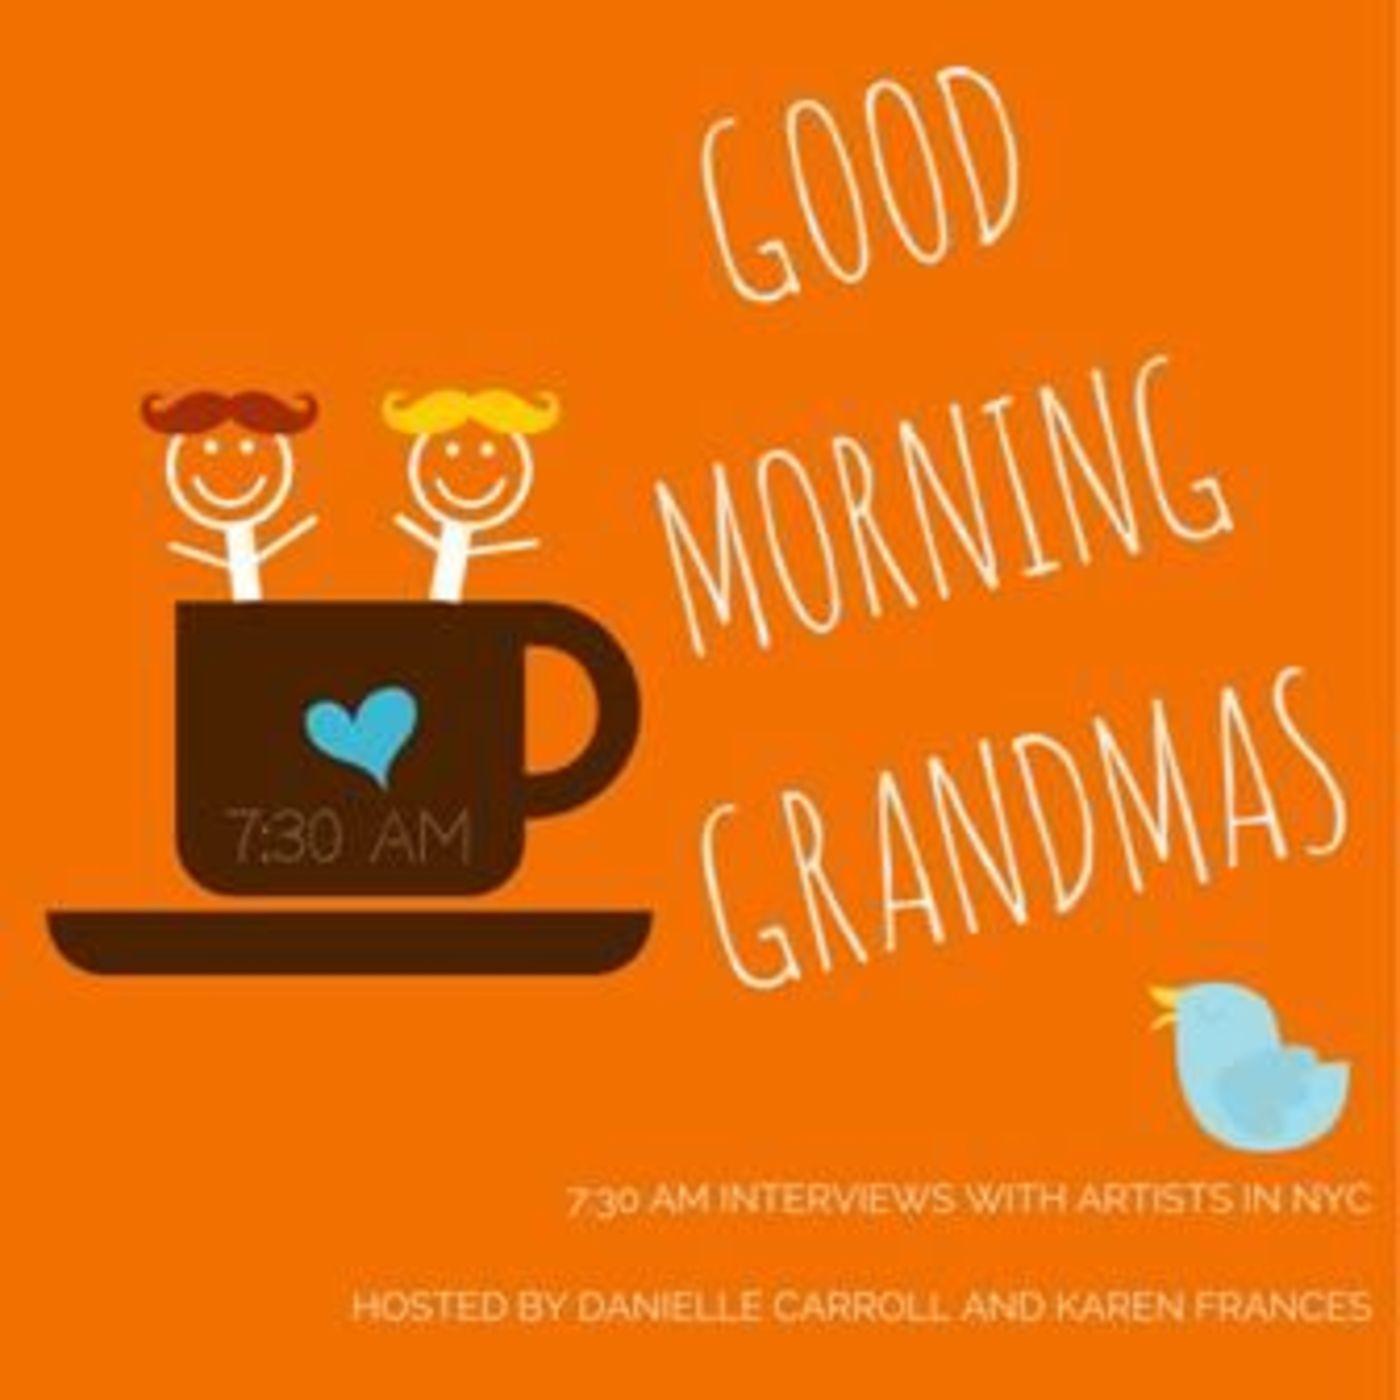 <![CDATA[Good Morning Grandmas]]>